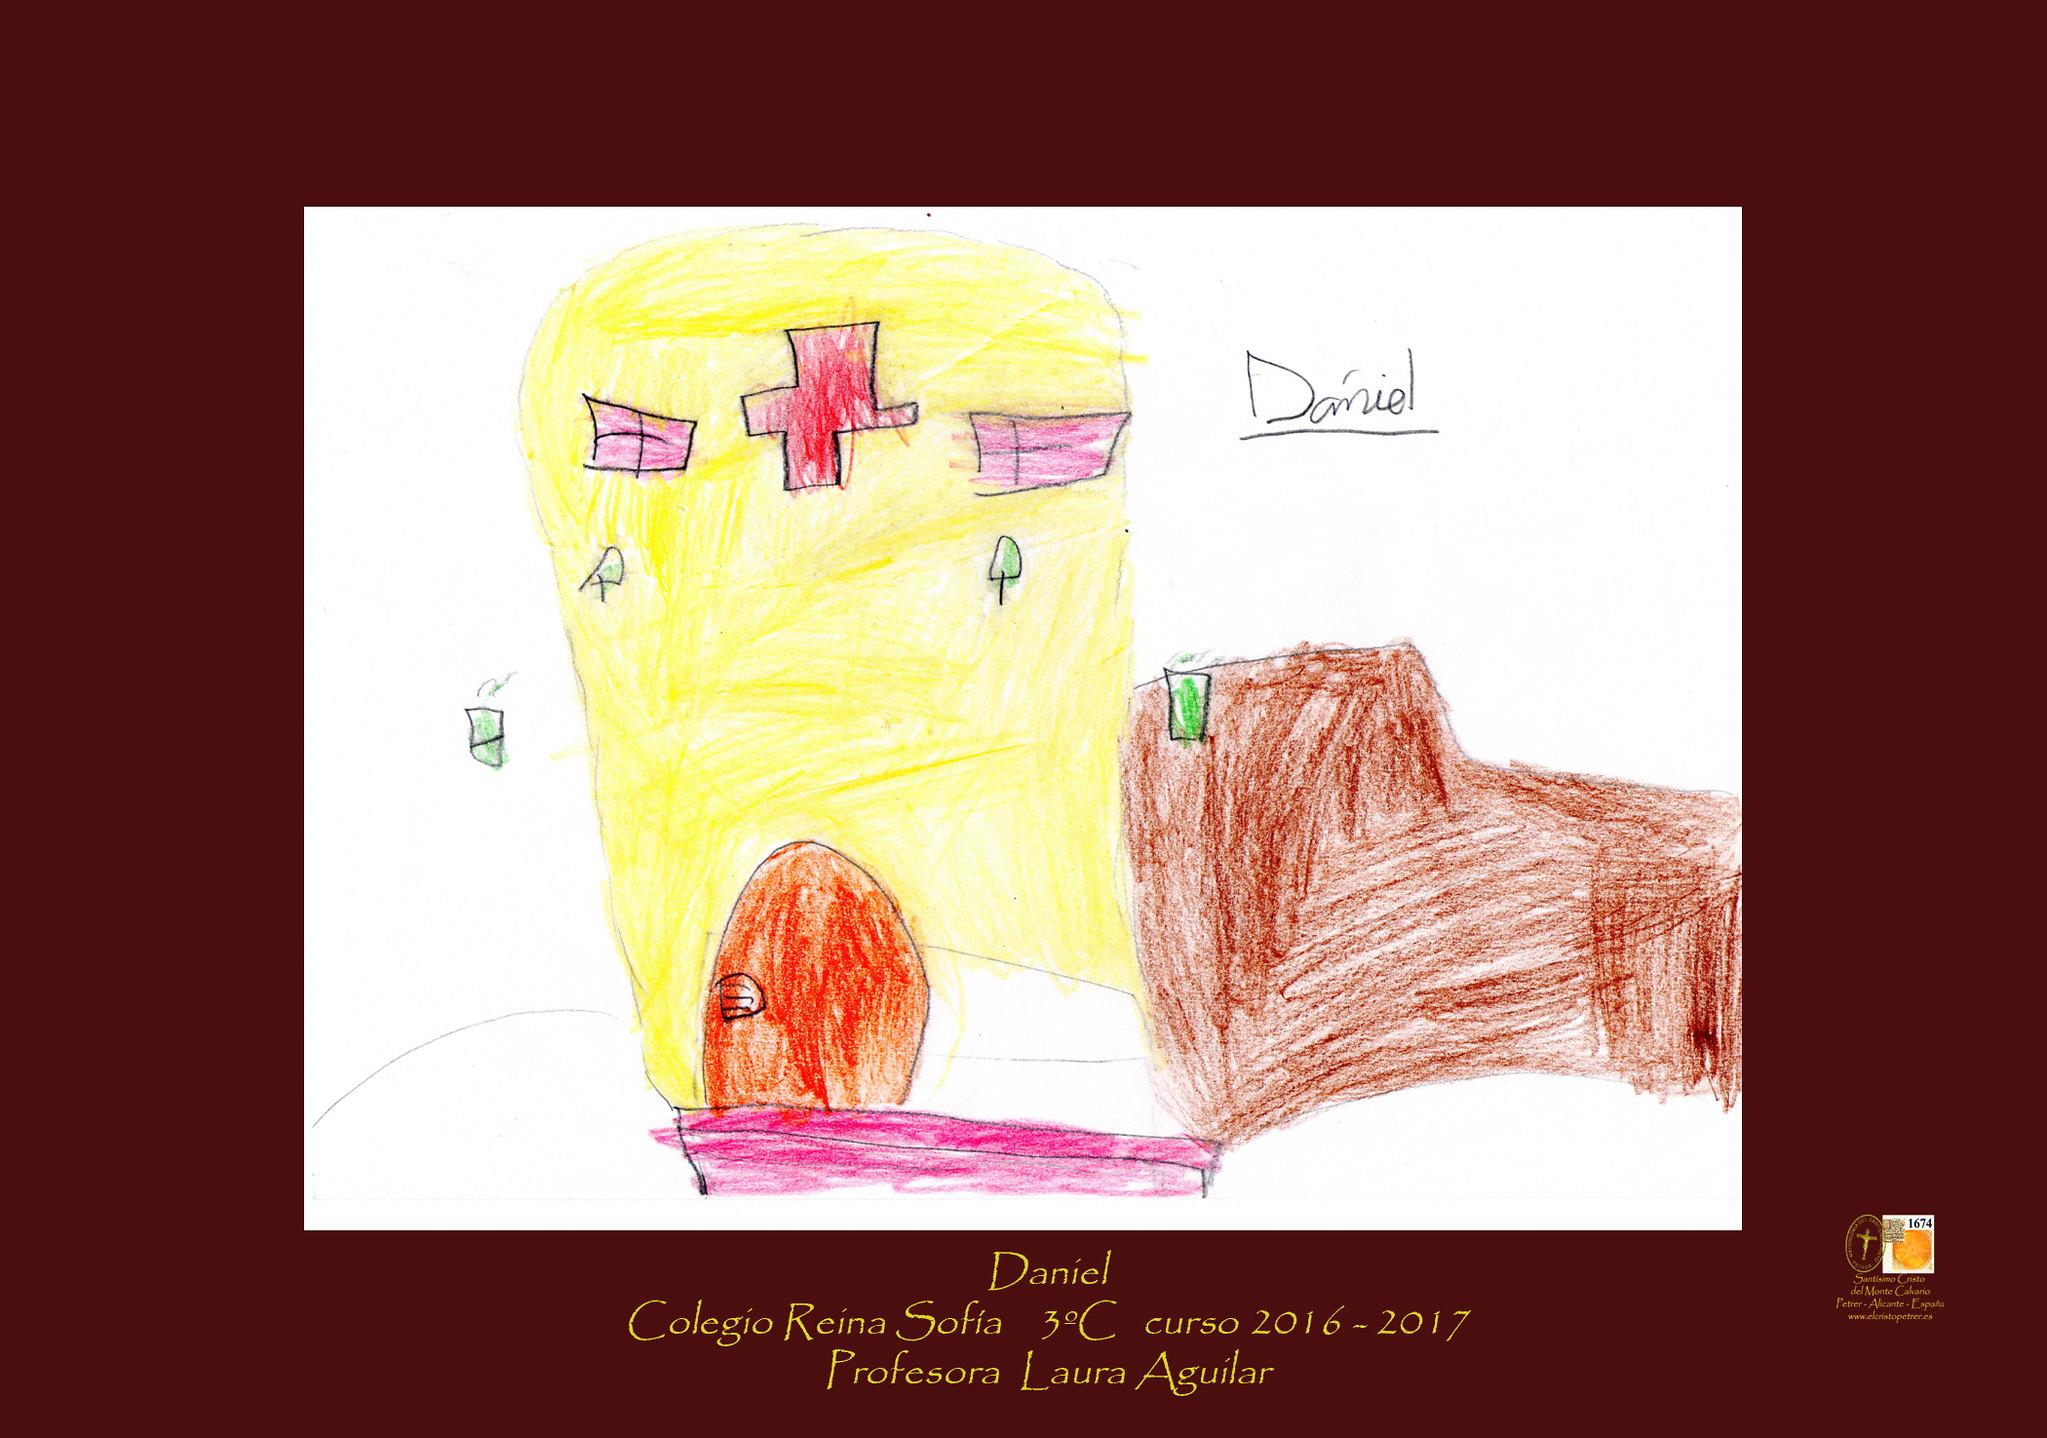 ElCristo - Actos - Exposicion Fotografica - (2017-12-01) - Reina sofía - 3ºC - Daniel